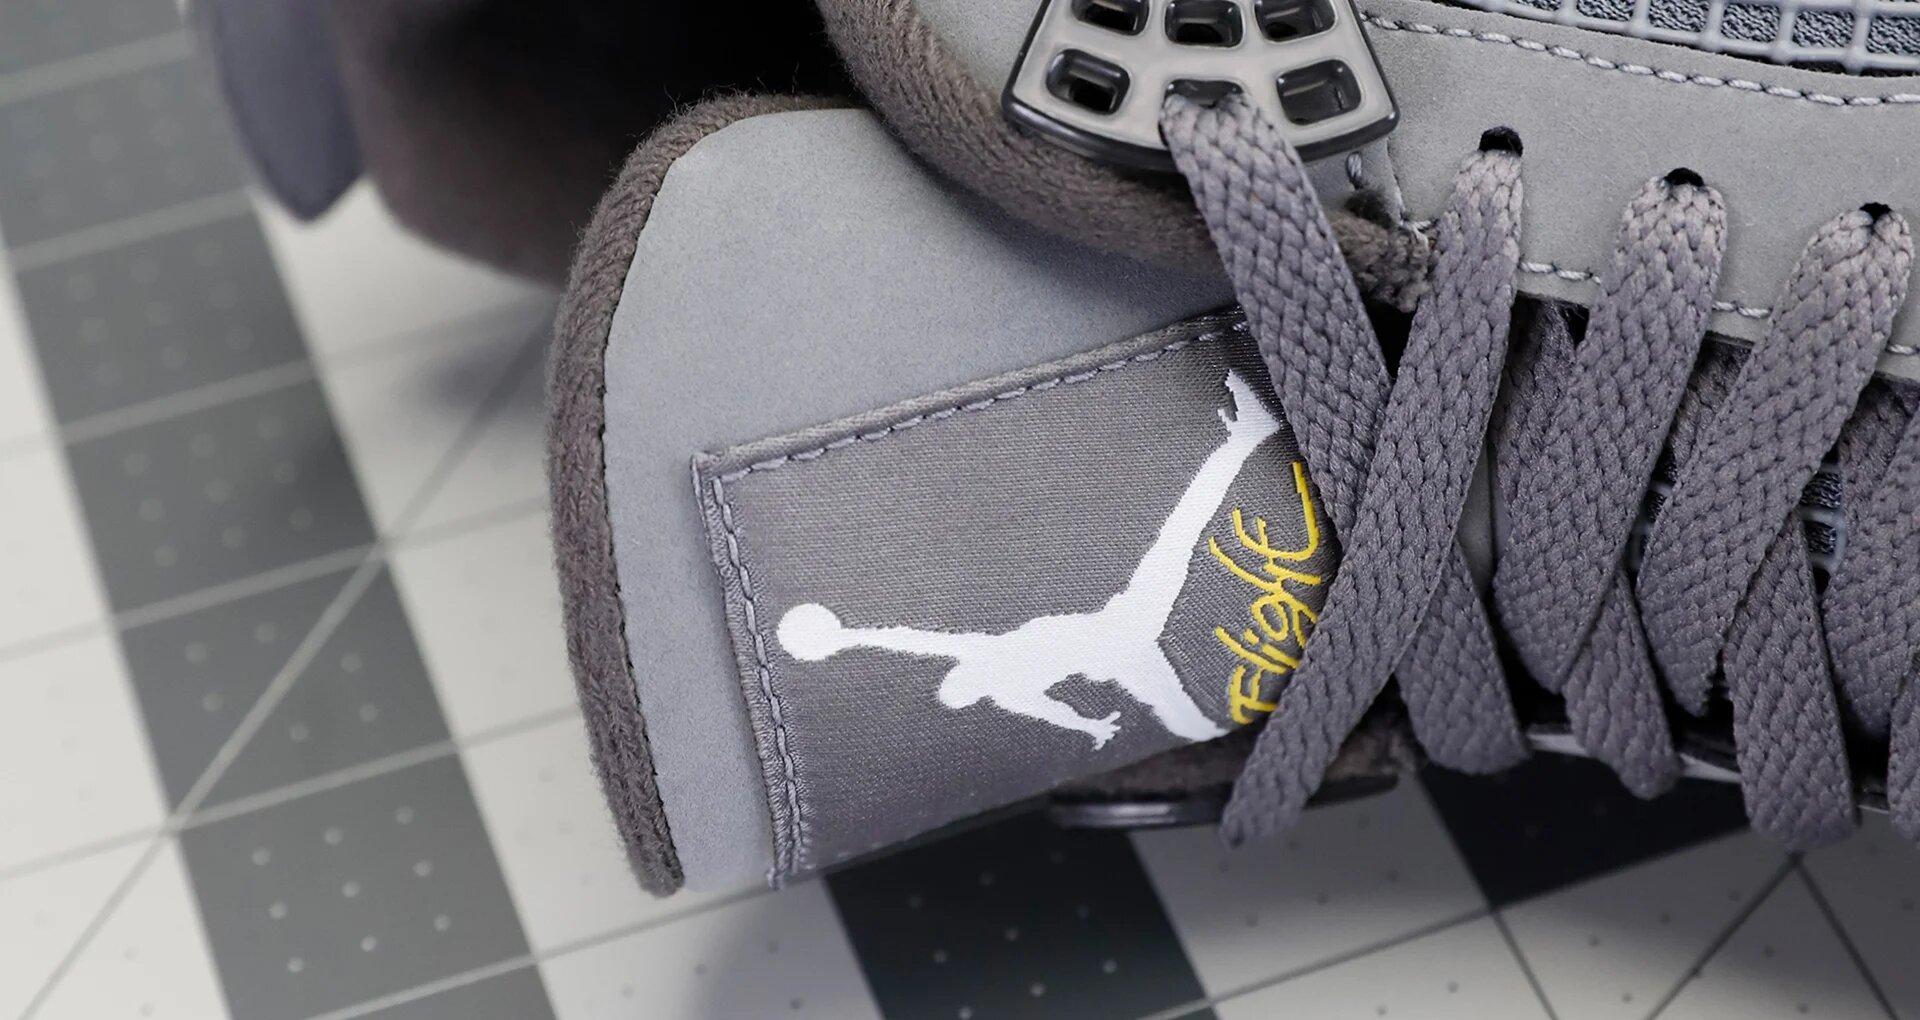 Air Jordan 4 Cool Grey Tongue Emblem